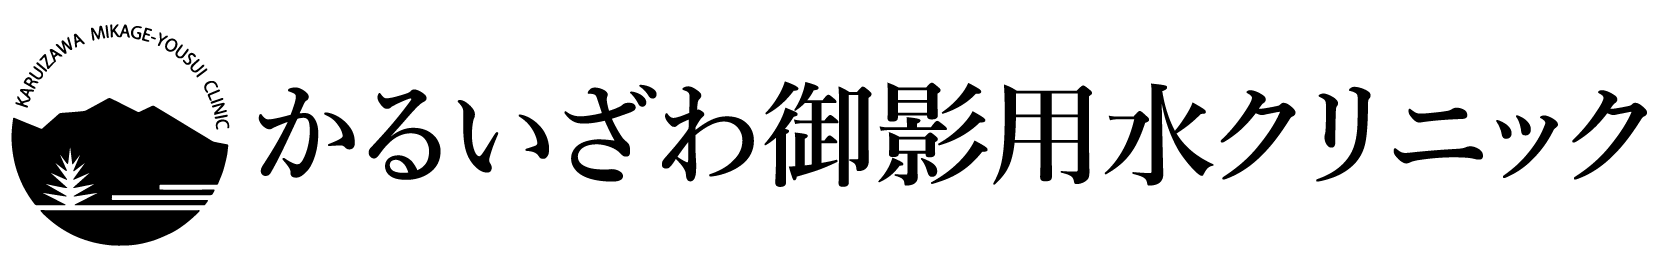 軽井沢の精神科・心療内科クリニック|かるいざわ御影用水クリニック